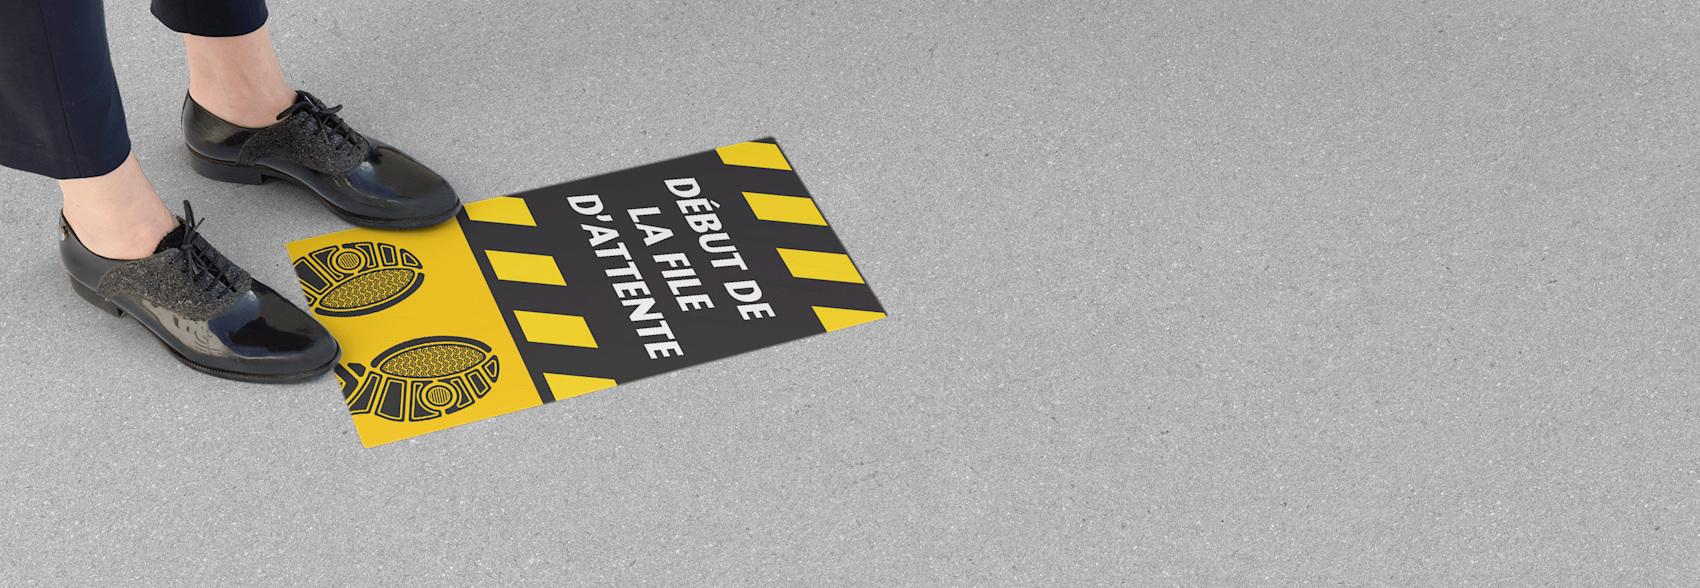 autocollants de plancher en vinyle pour entreprises